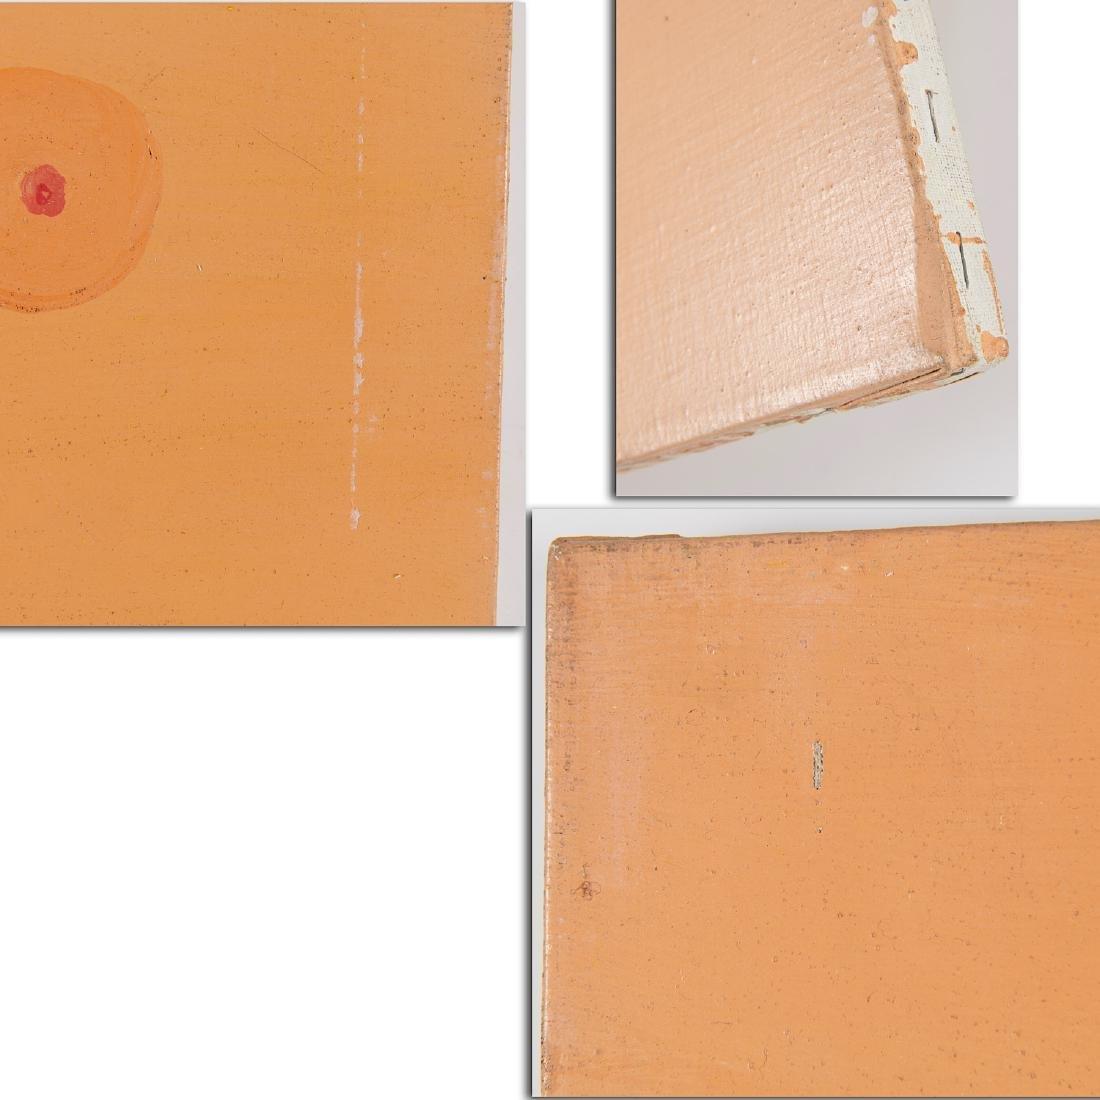 Jim Dine, (9) panel painting, 1959-1960 - 6